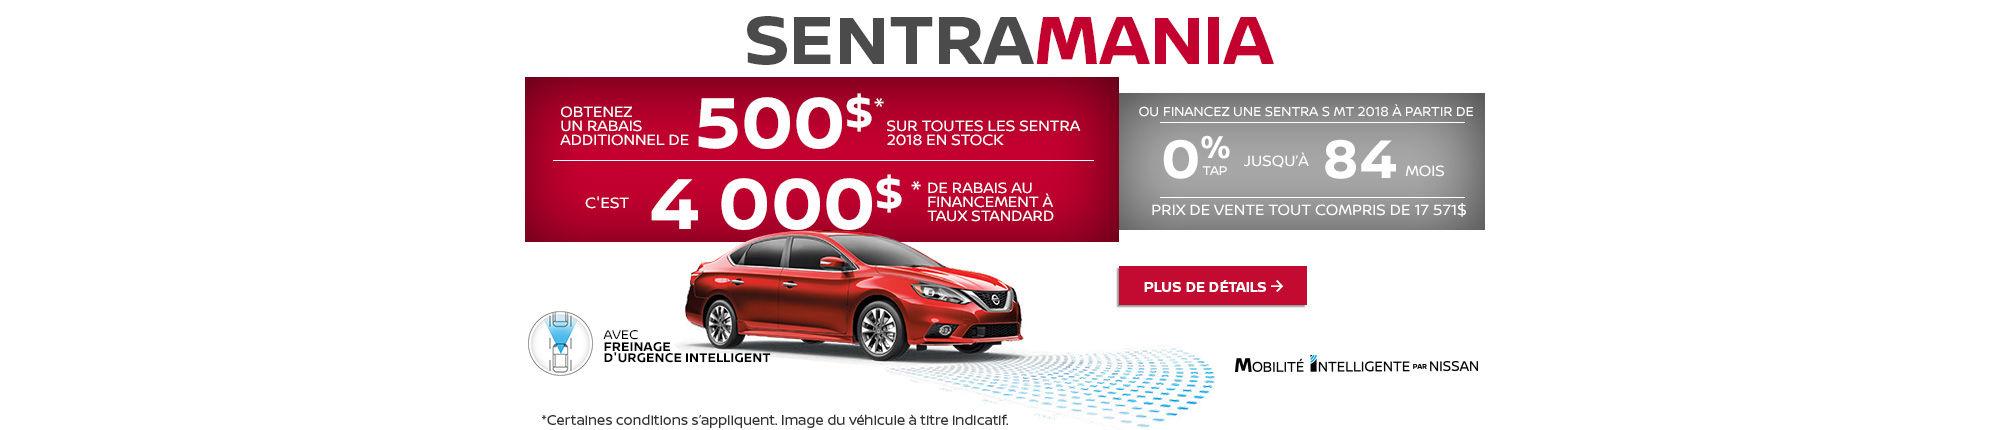 L'événement Sentra Mania chez Nissan!